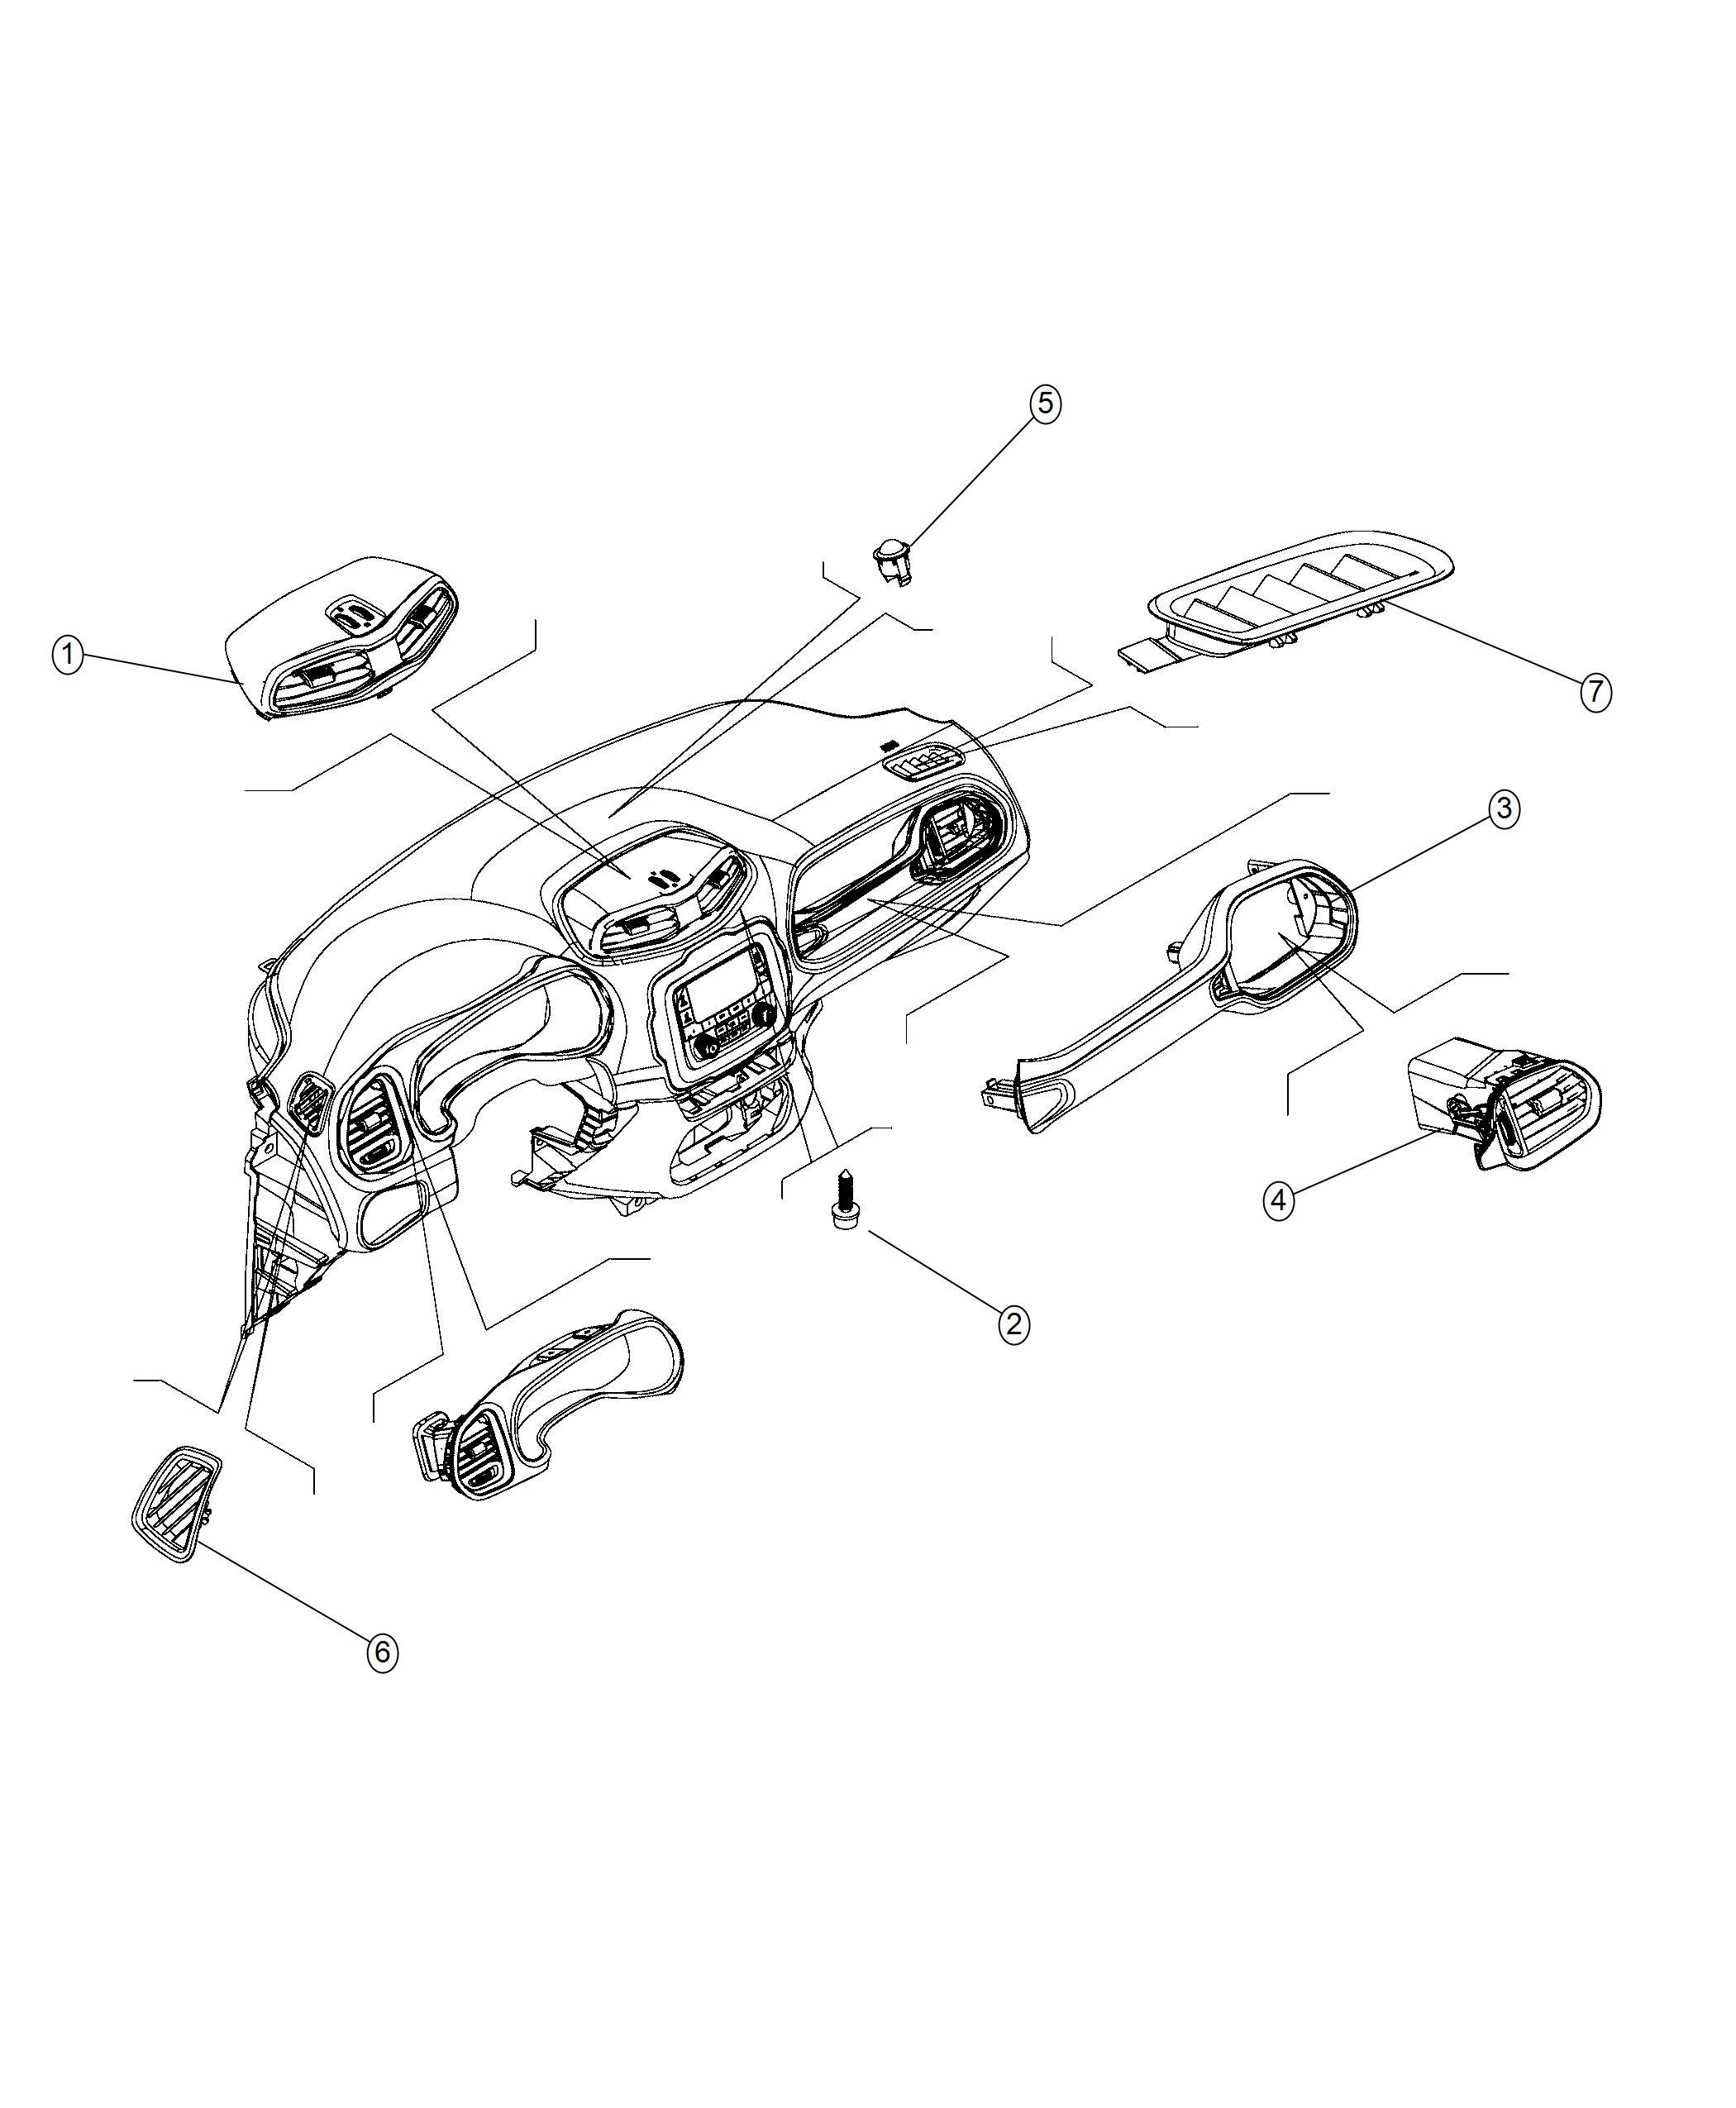 Jeep Renegade Handle Grab Export Bark Brown Ski Grey